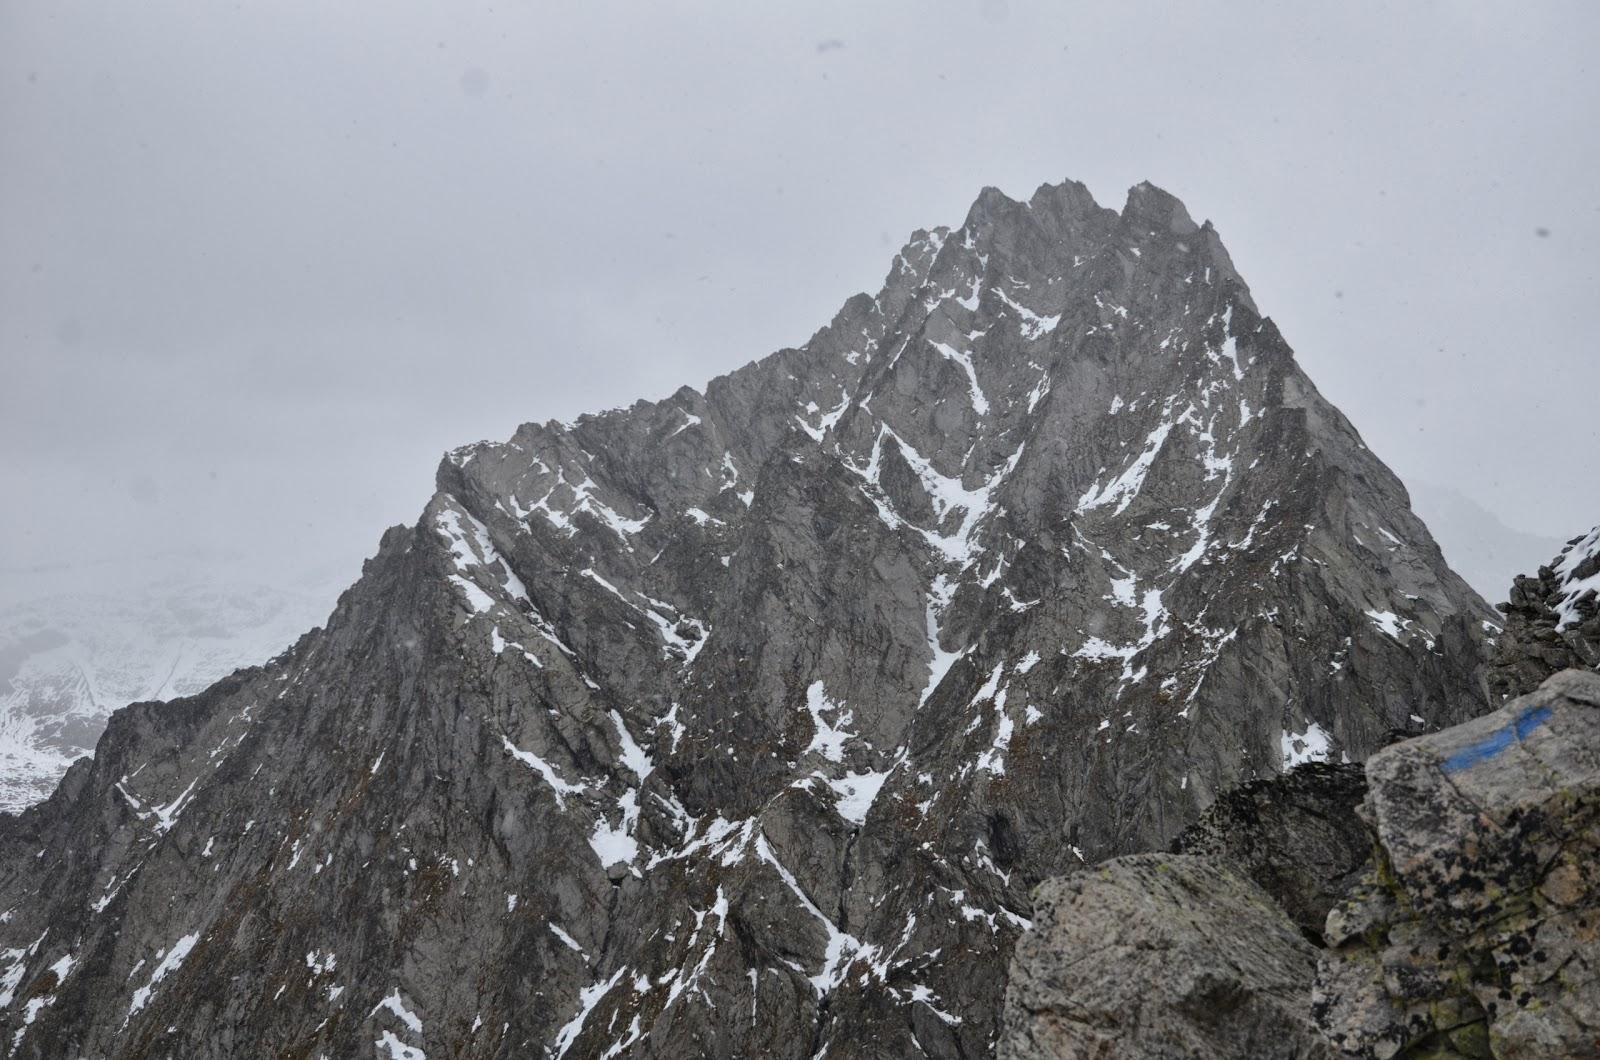 BuschnicK: Wiwannihorn (3001m) via Steinadler (5b, 530m).